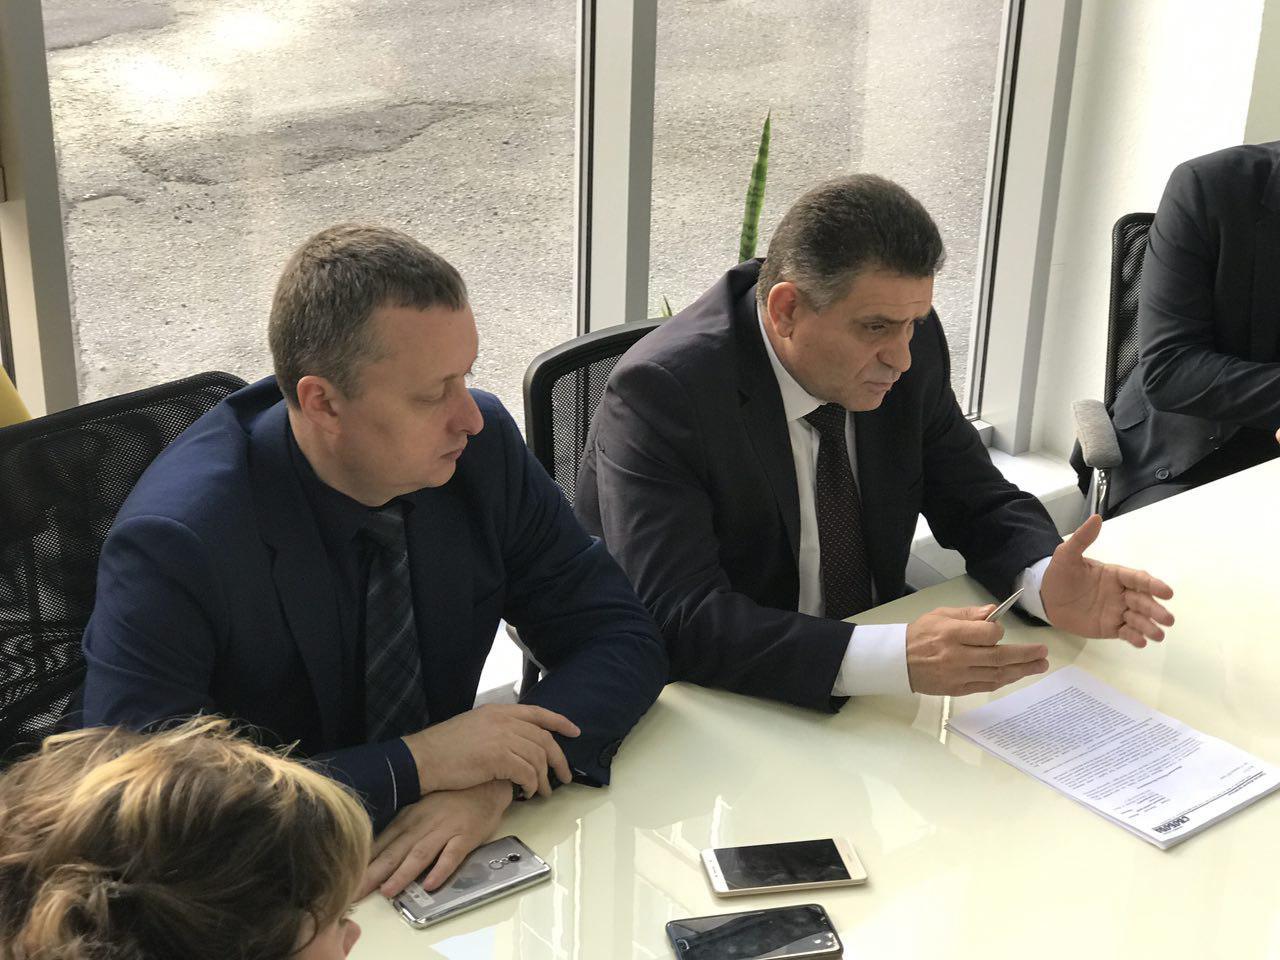 По поводу митинга под ООГА Максим Степанов заявил, что предложения должны быть конструктивными